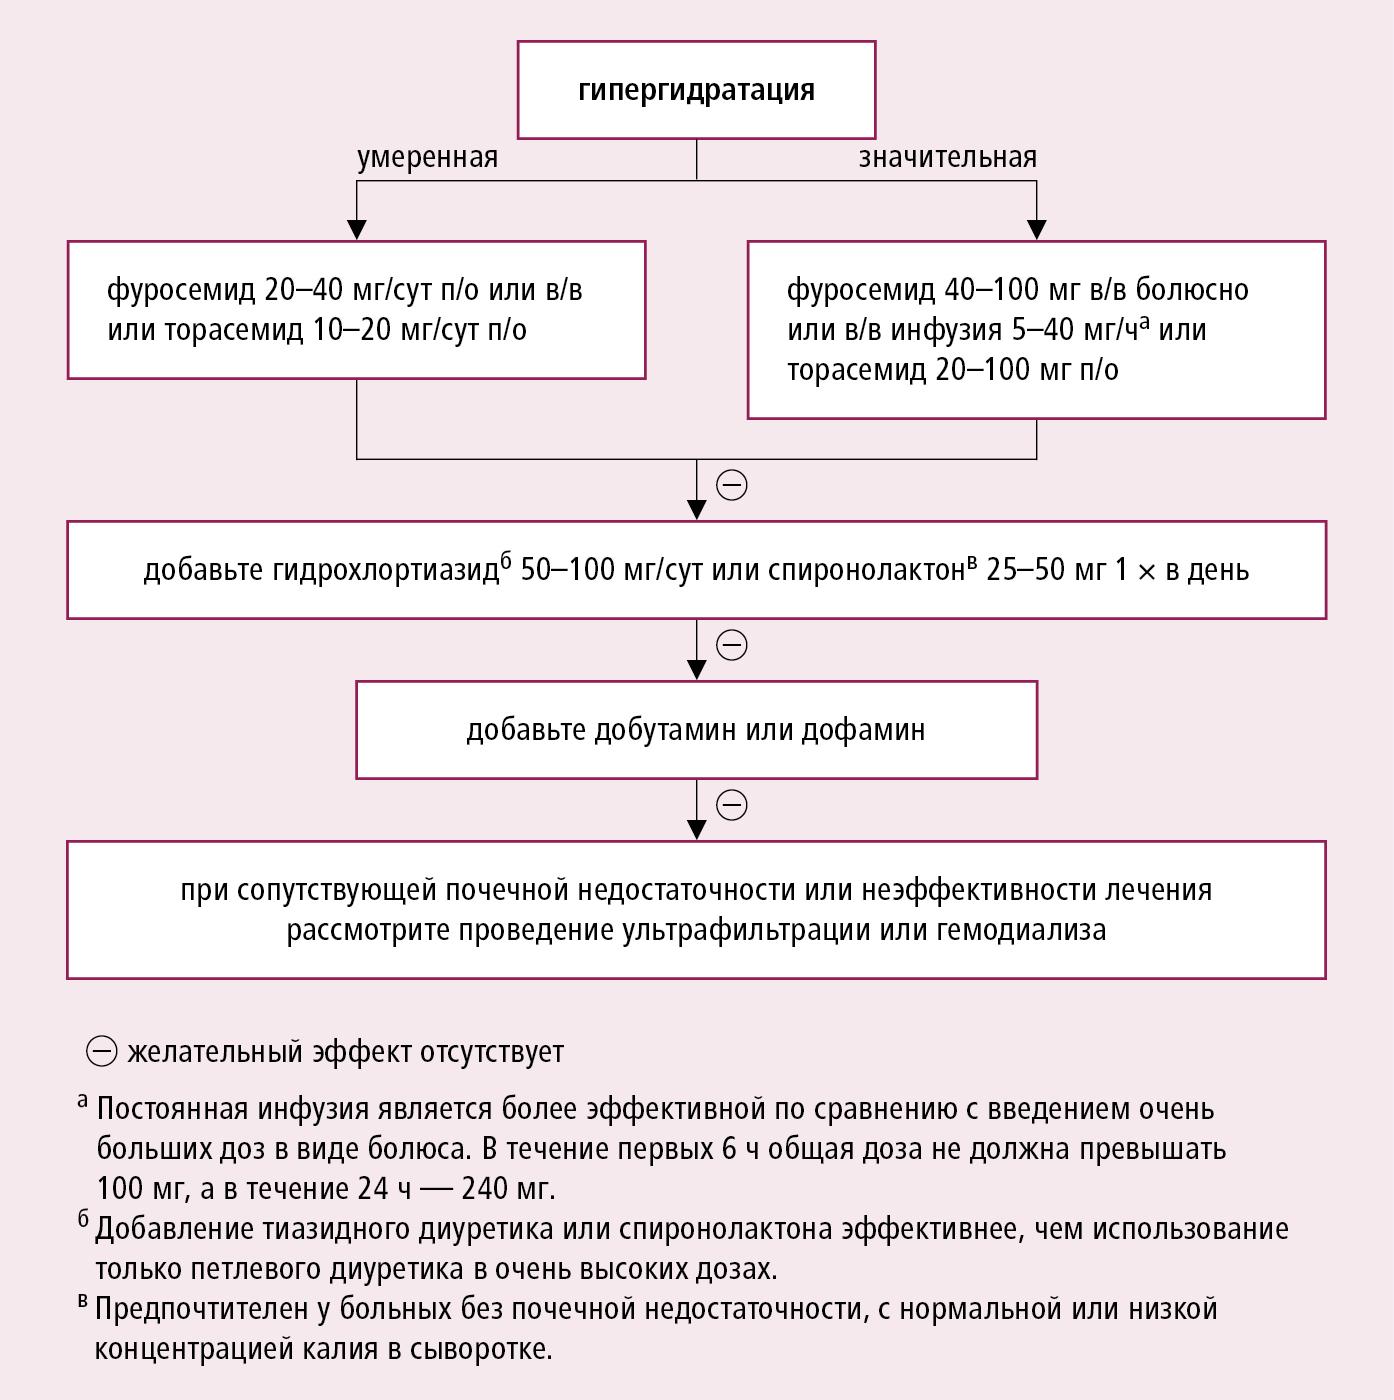 Почечная недостаточность: симптомы и эффективное лечение